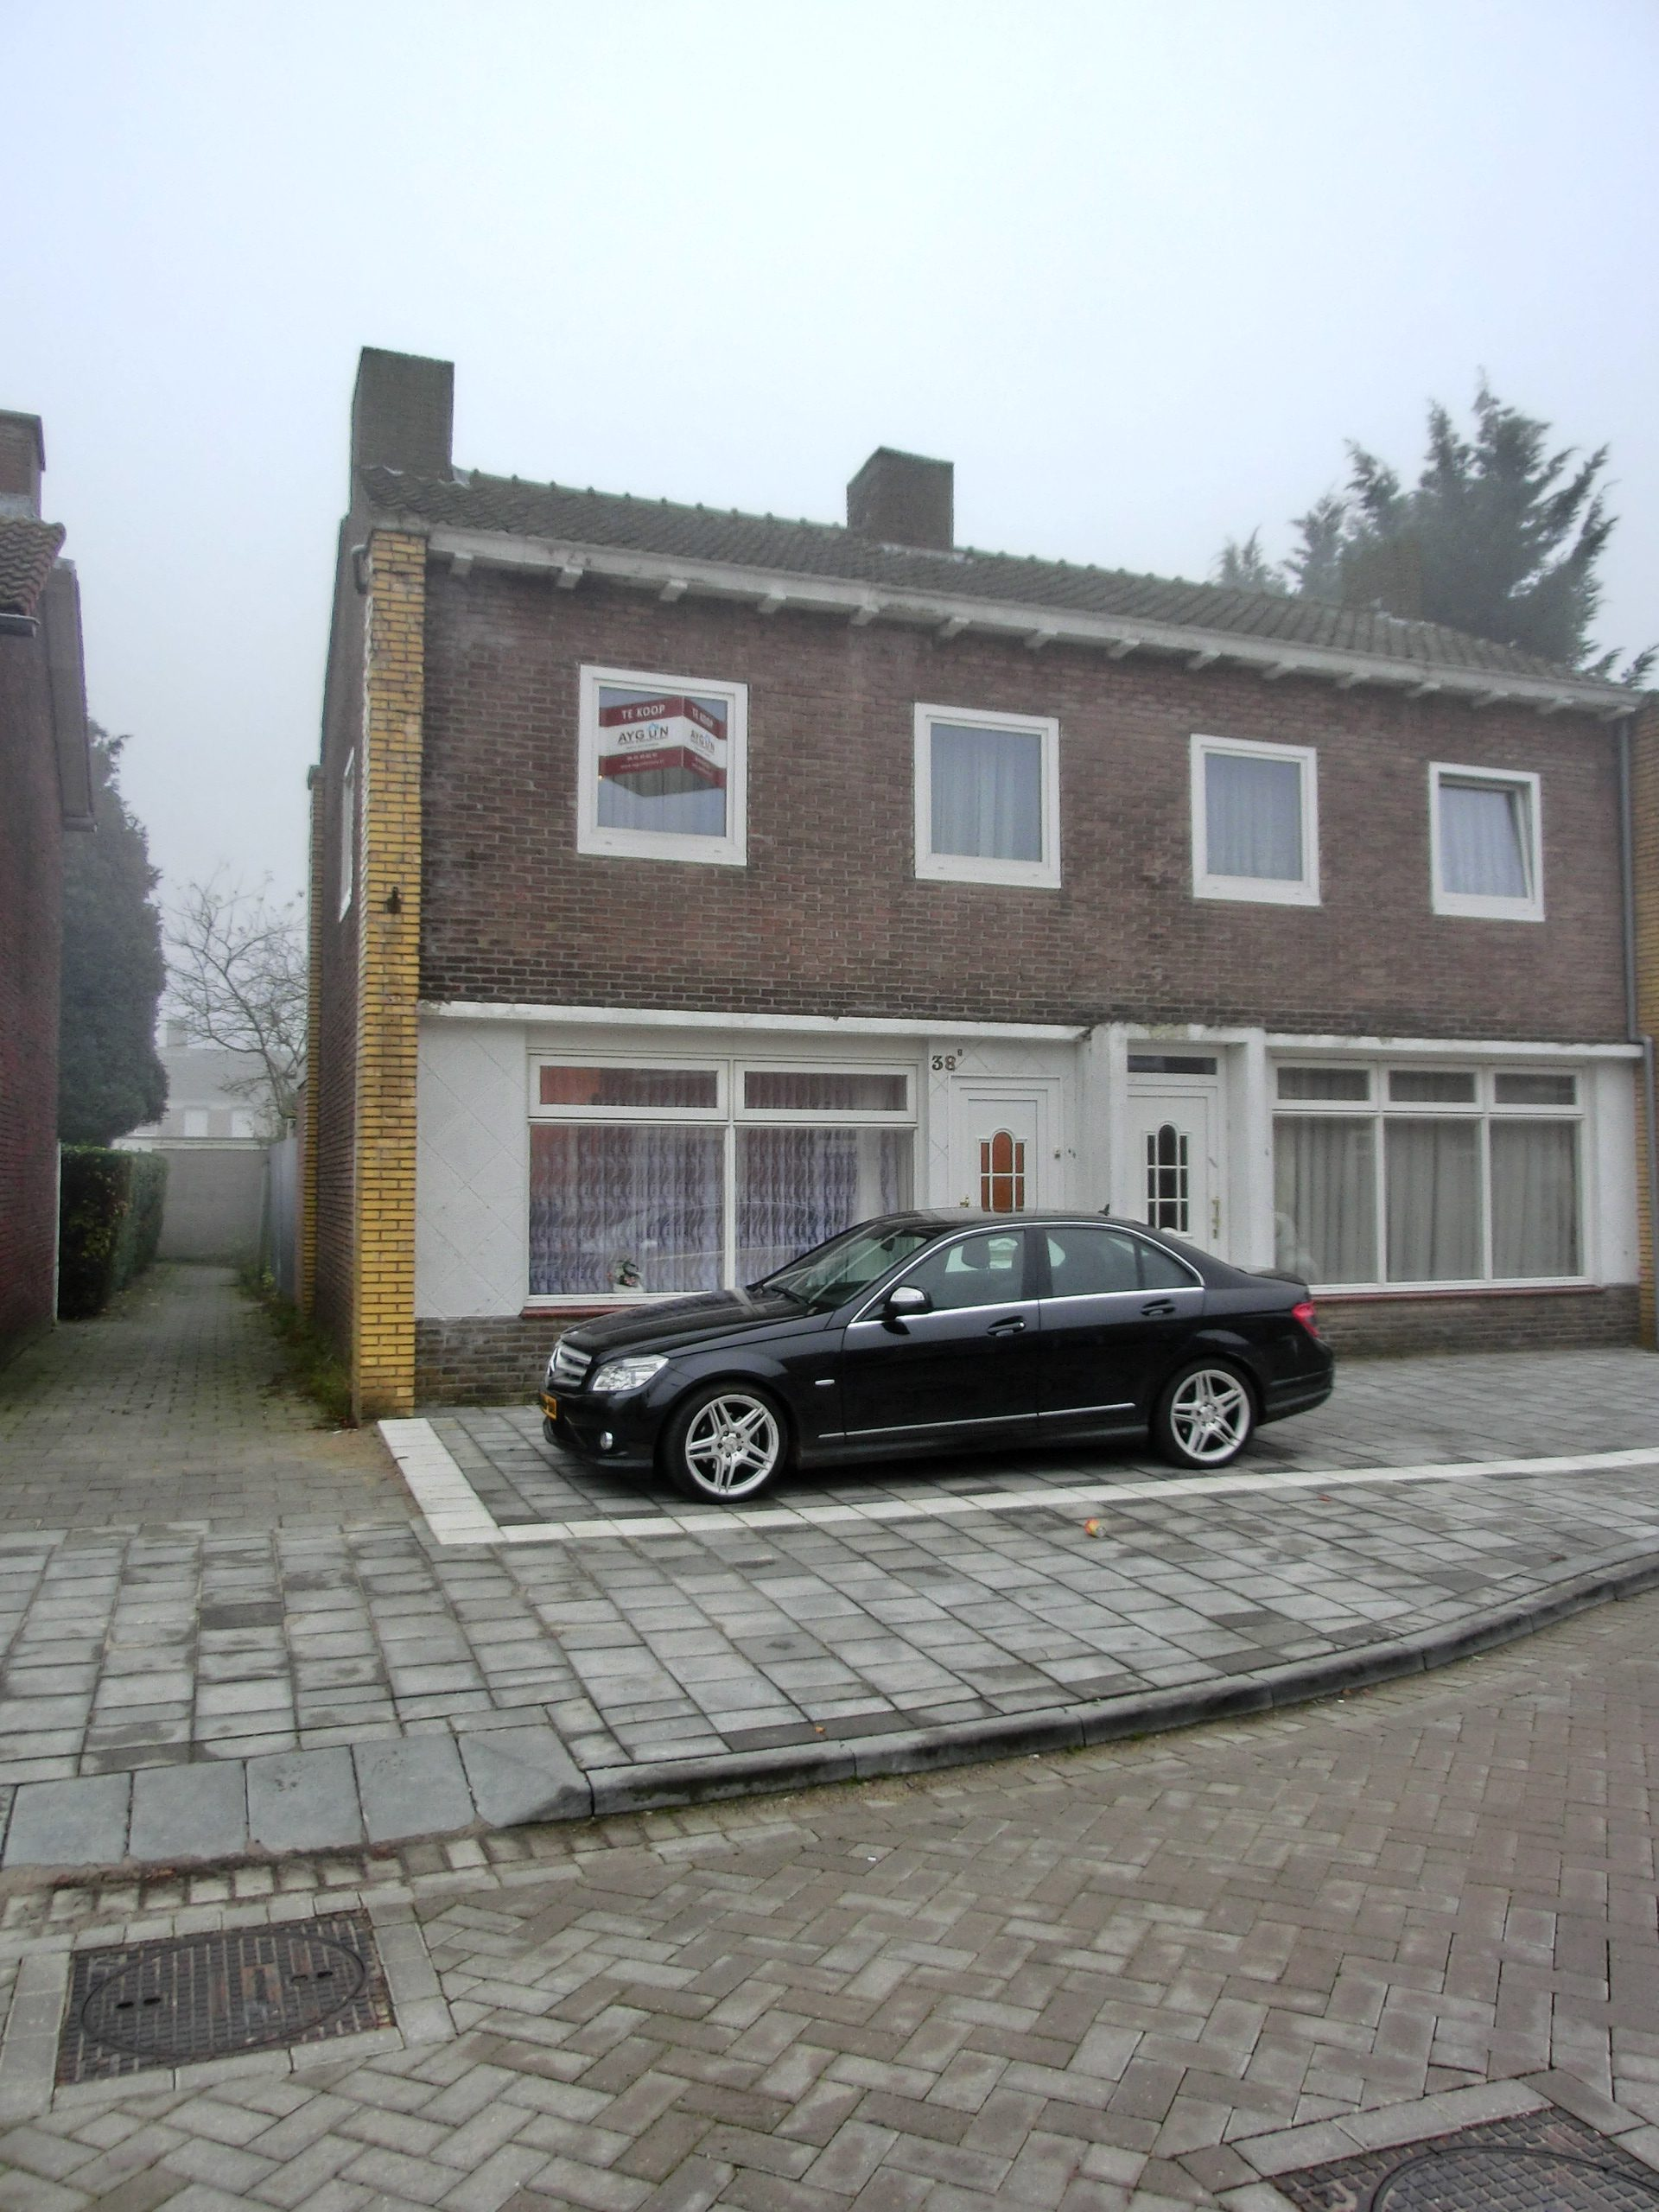 Edisonstraat 38B – Roosendaal